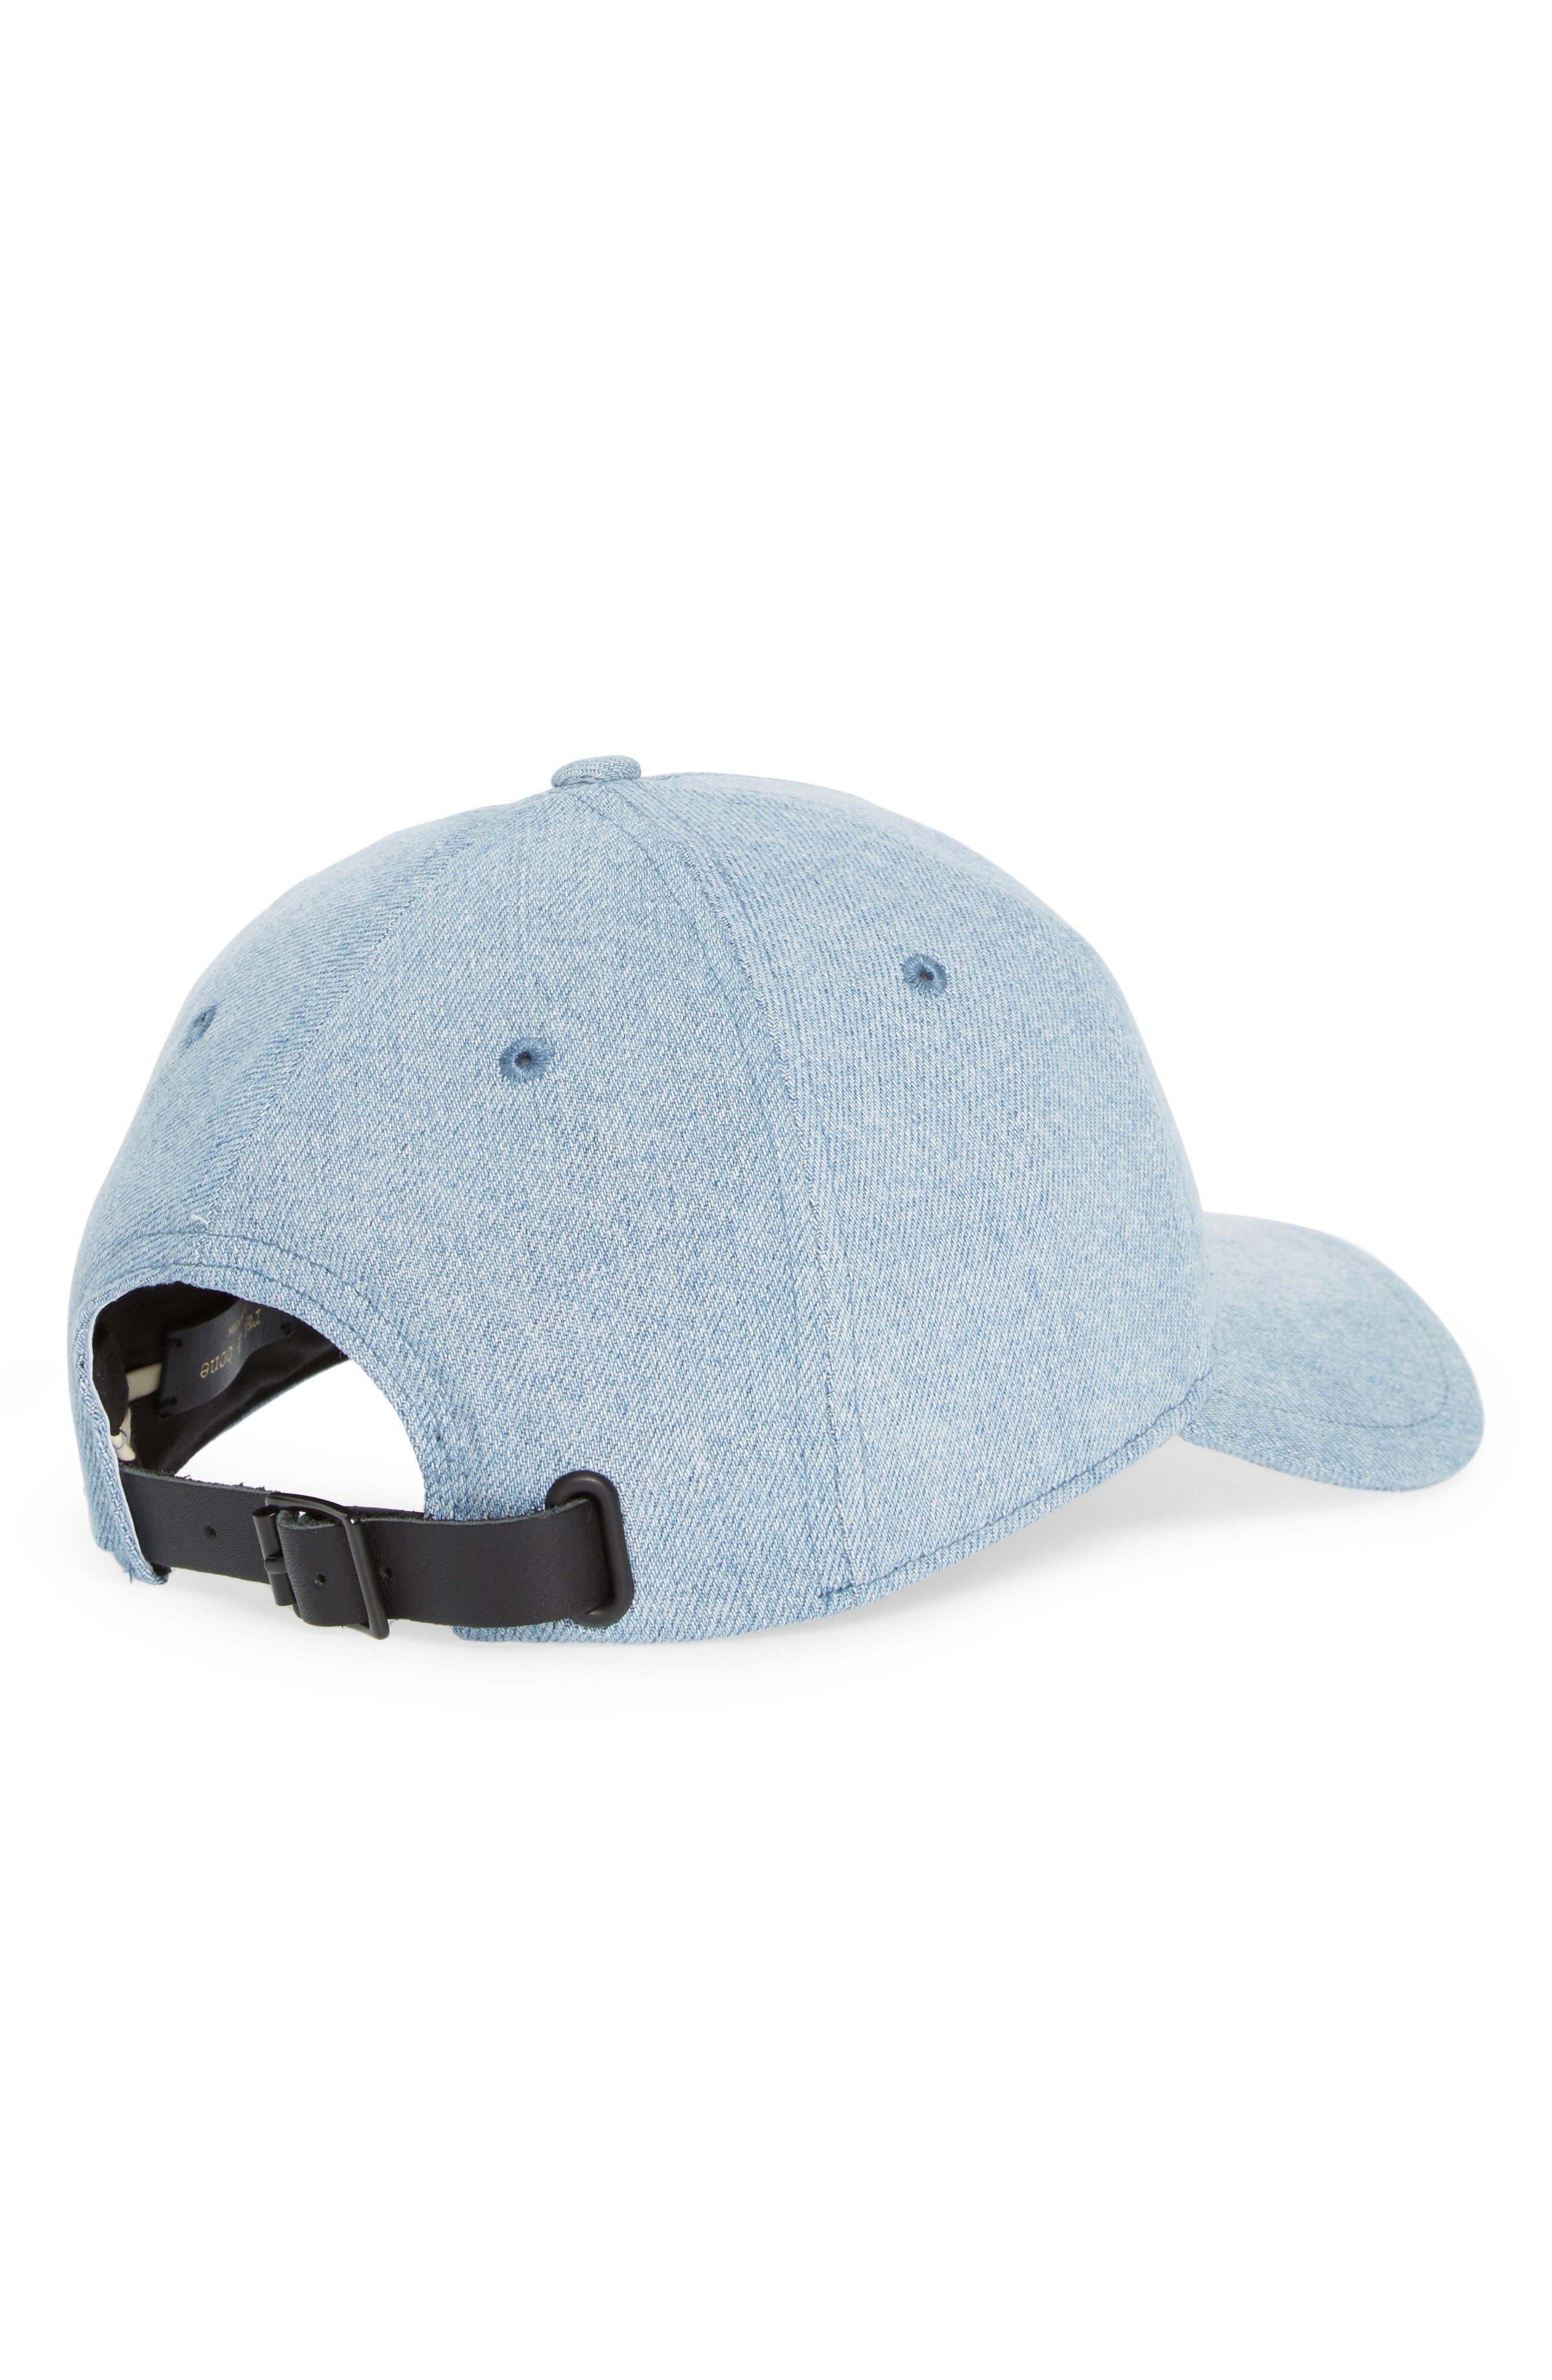 Marilyn Leather-trimmed Denim Baseball Cap - Light denim Rag & Bone GJPPKU